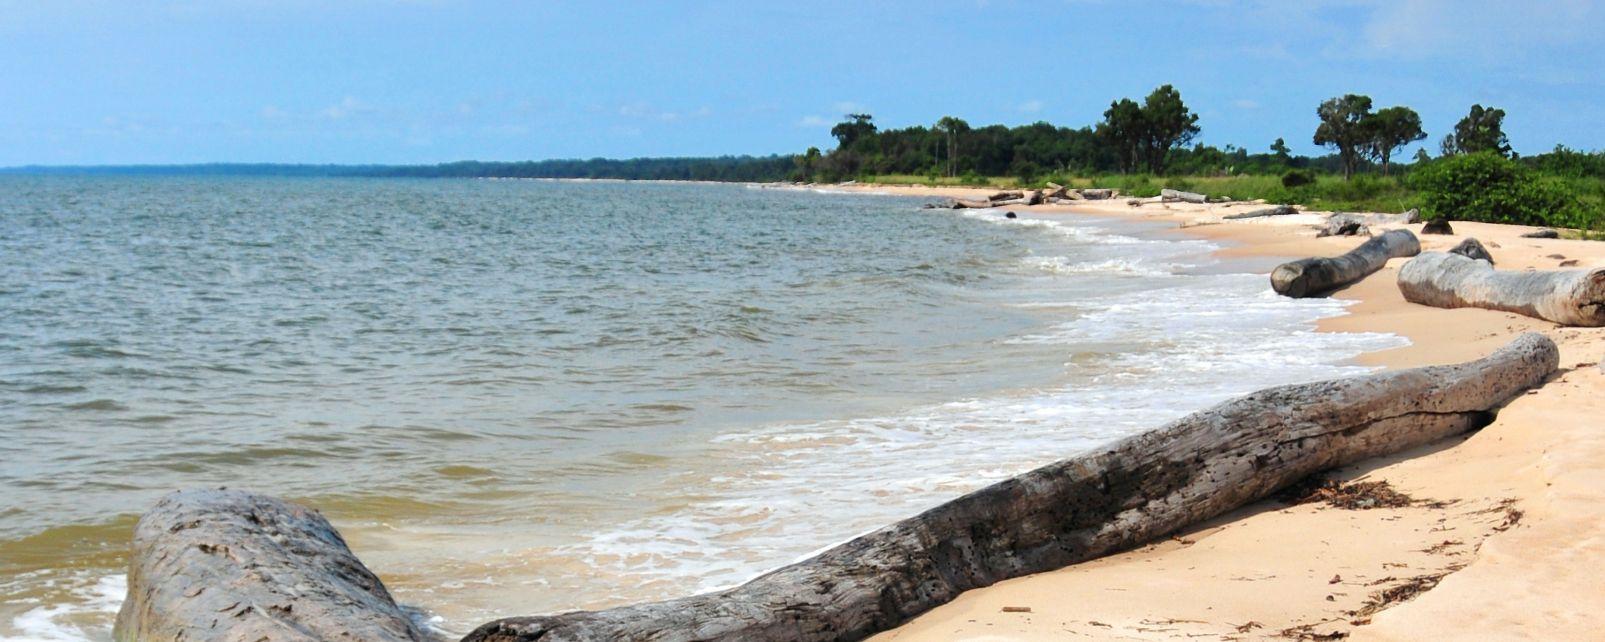 Les côtes, afrique, gabon, côte, océan, littoral, nyonié